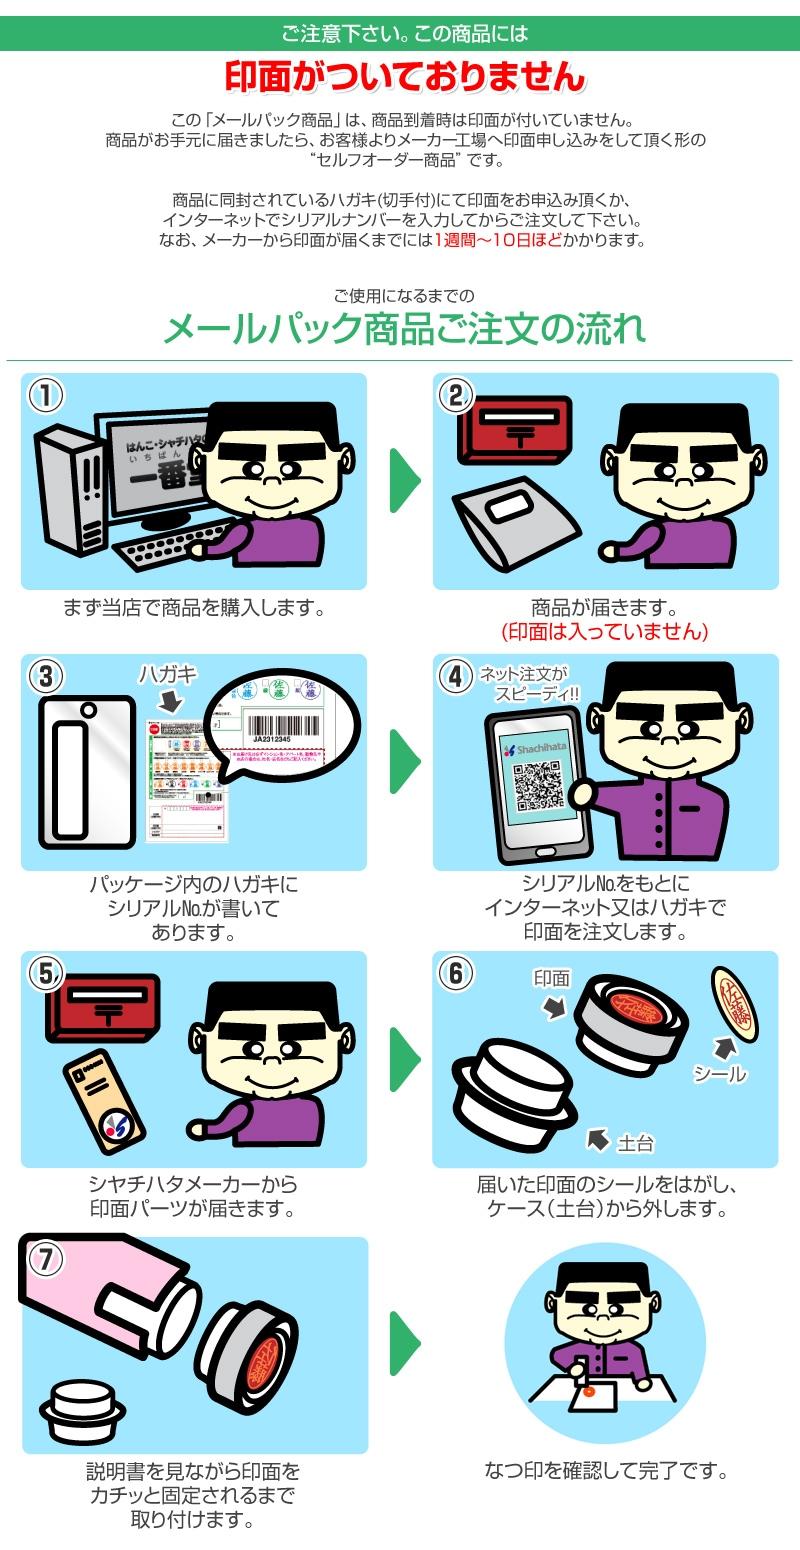 メールパックご注文の流れ